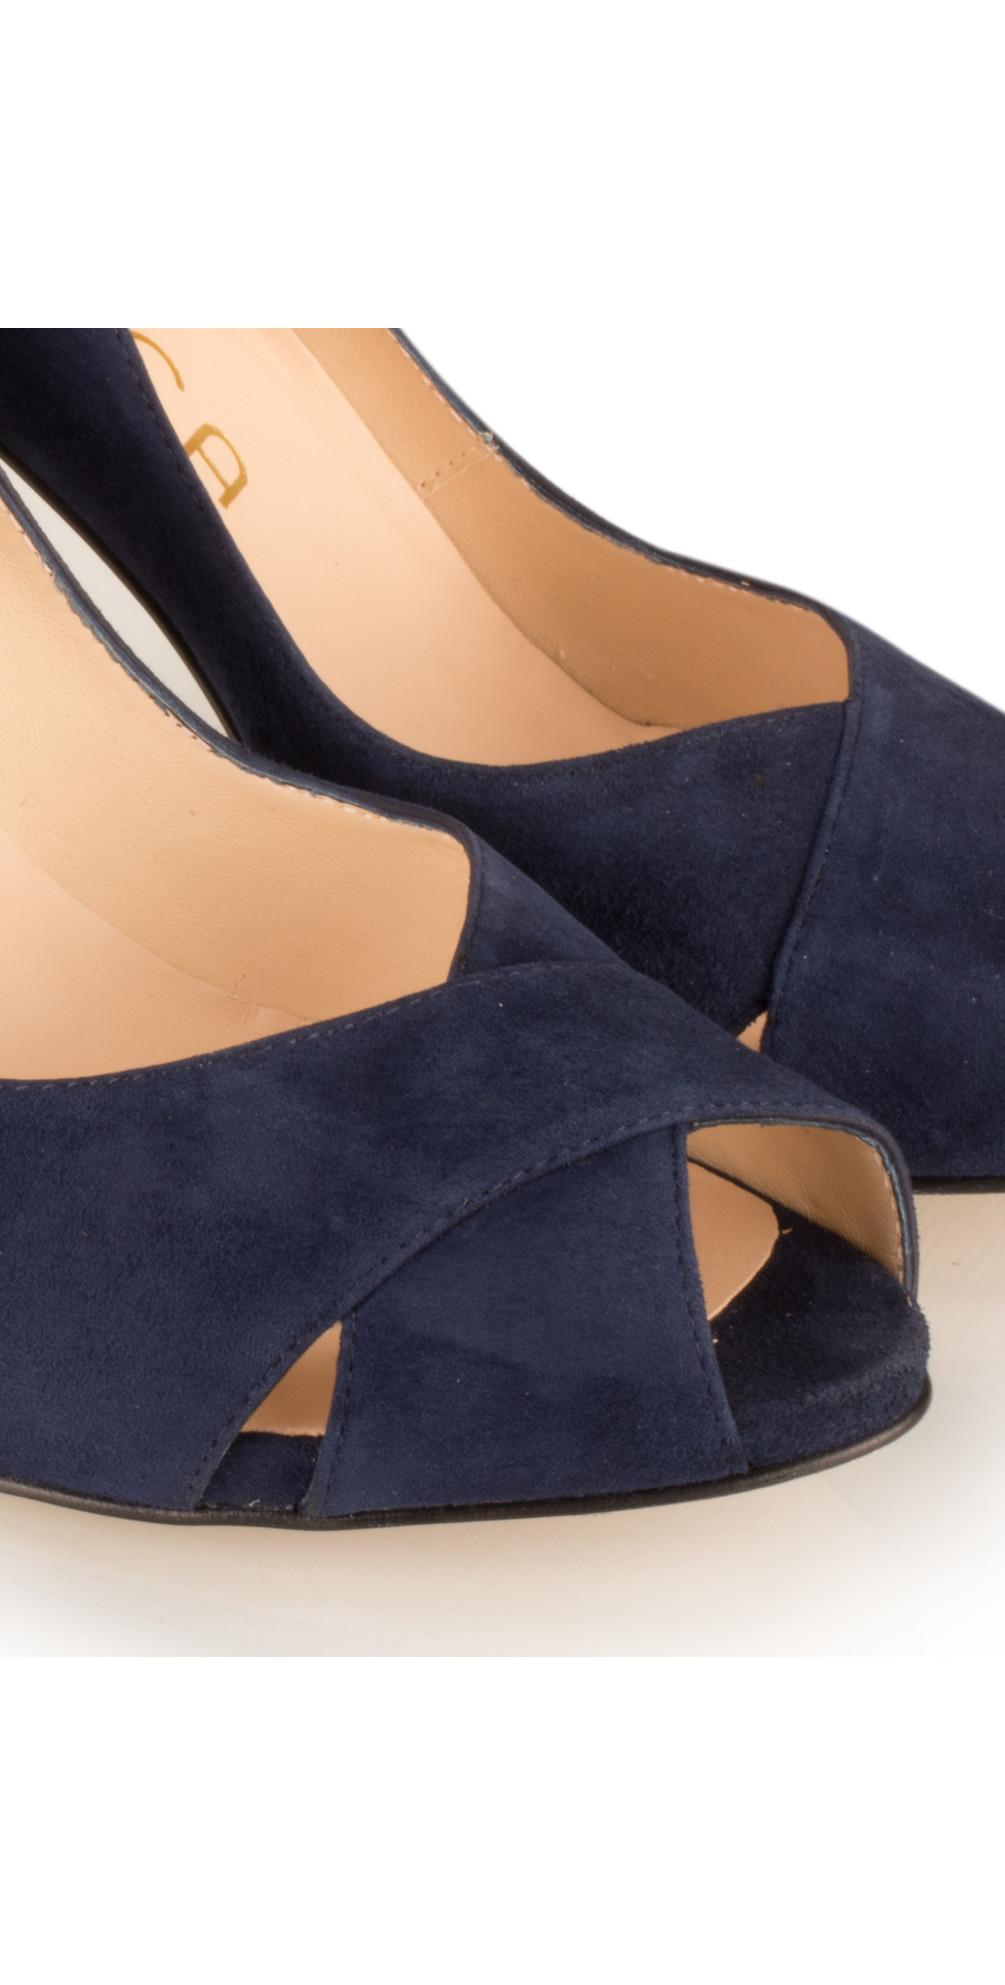 0bcaeae18af6 Unisa Shoes Taner Peep Toe Court Shoe in Ocean Navy